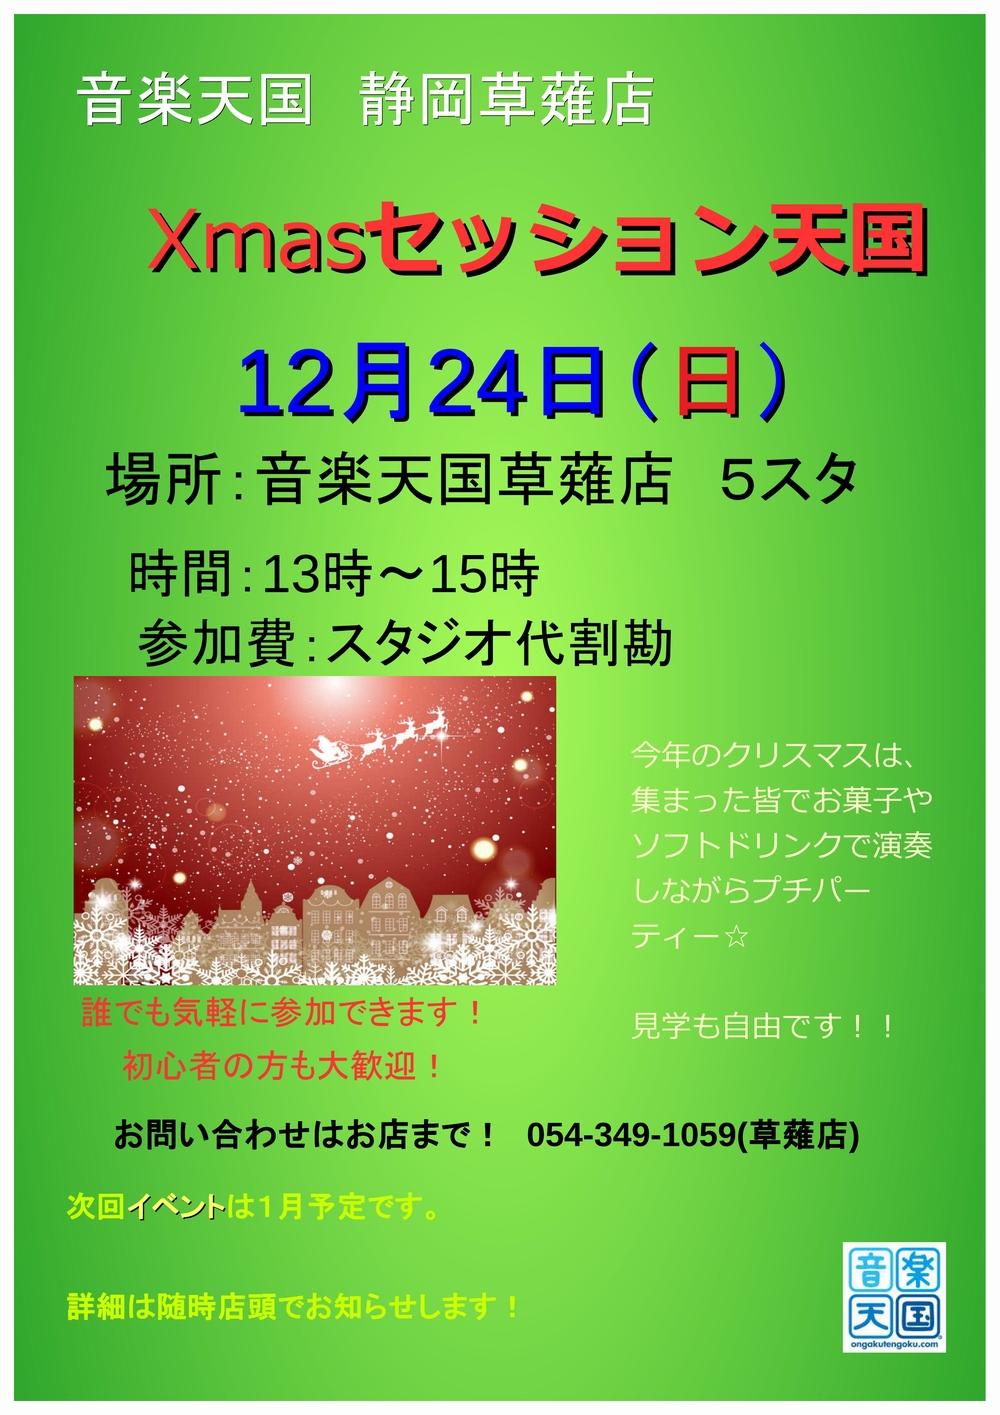 【X'masセッション天国】音楽天国・静岡草薙店12月24日(日)開催